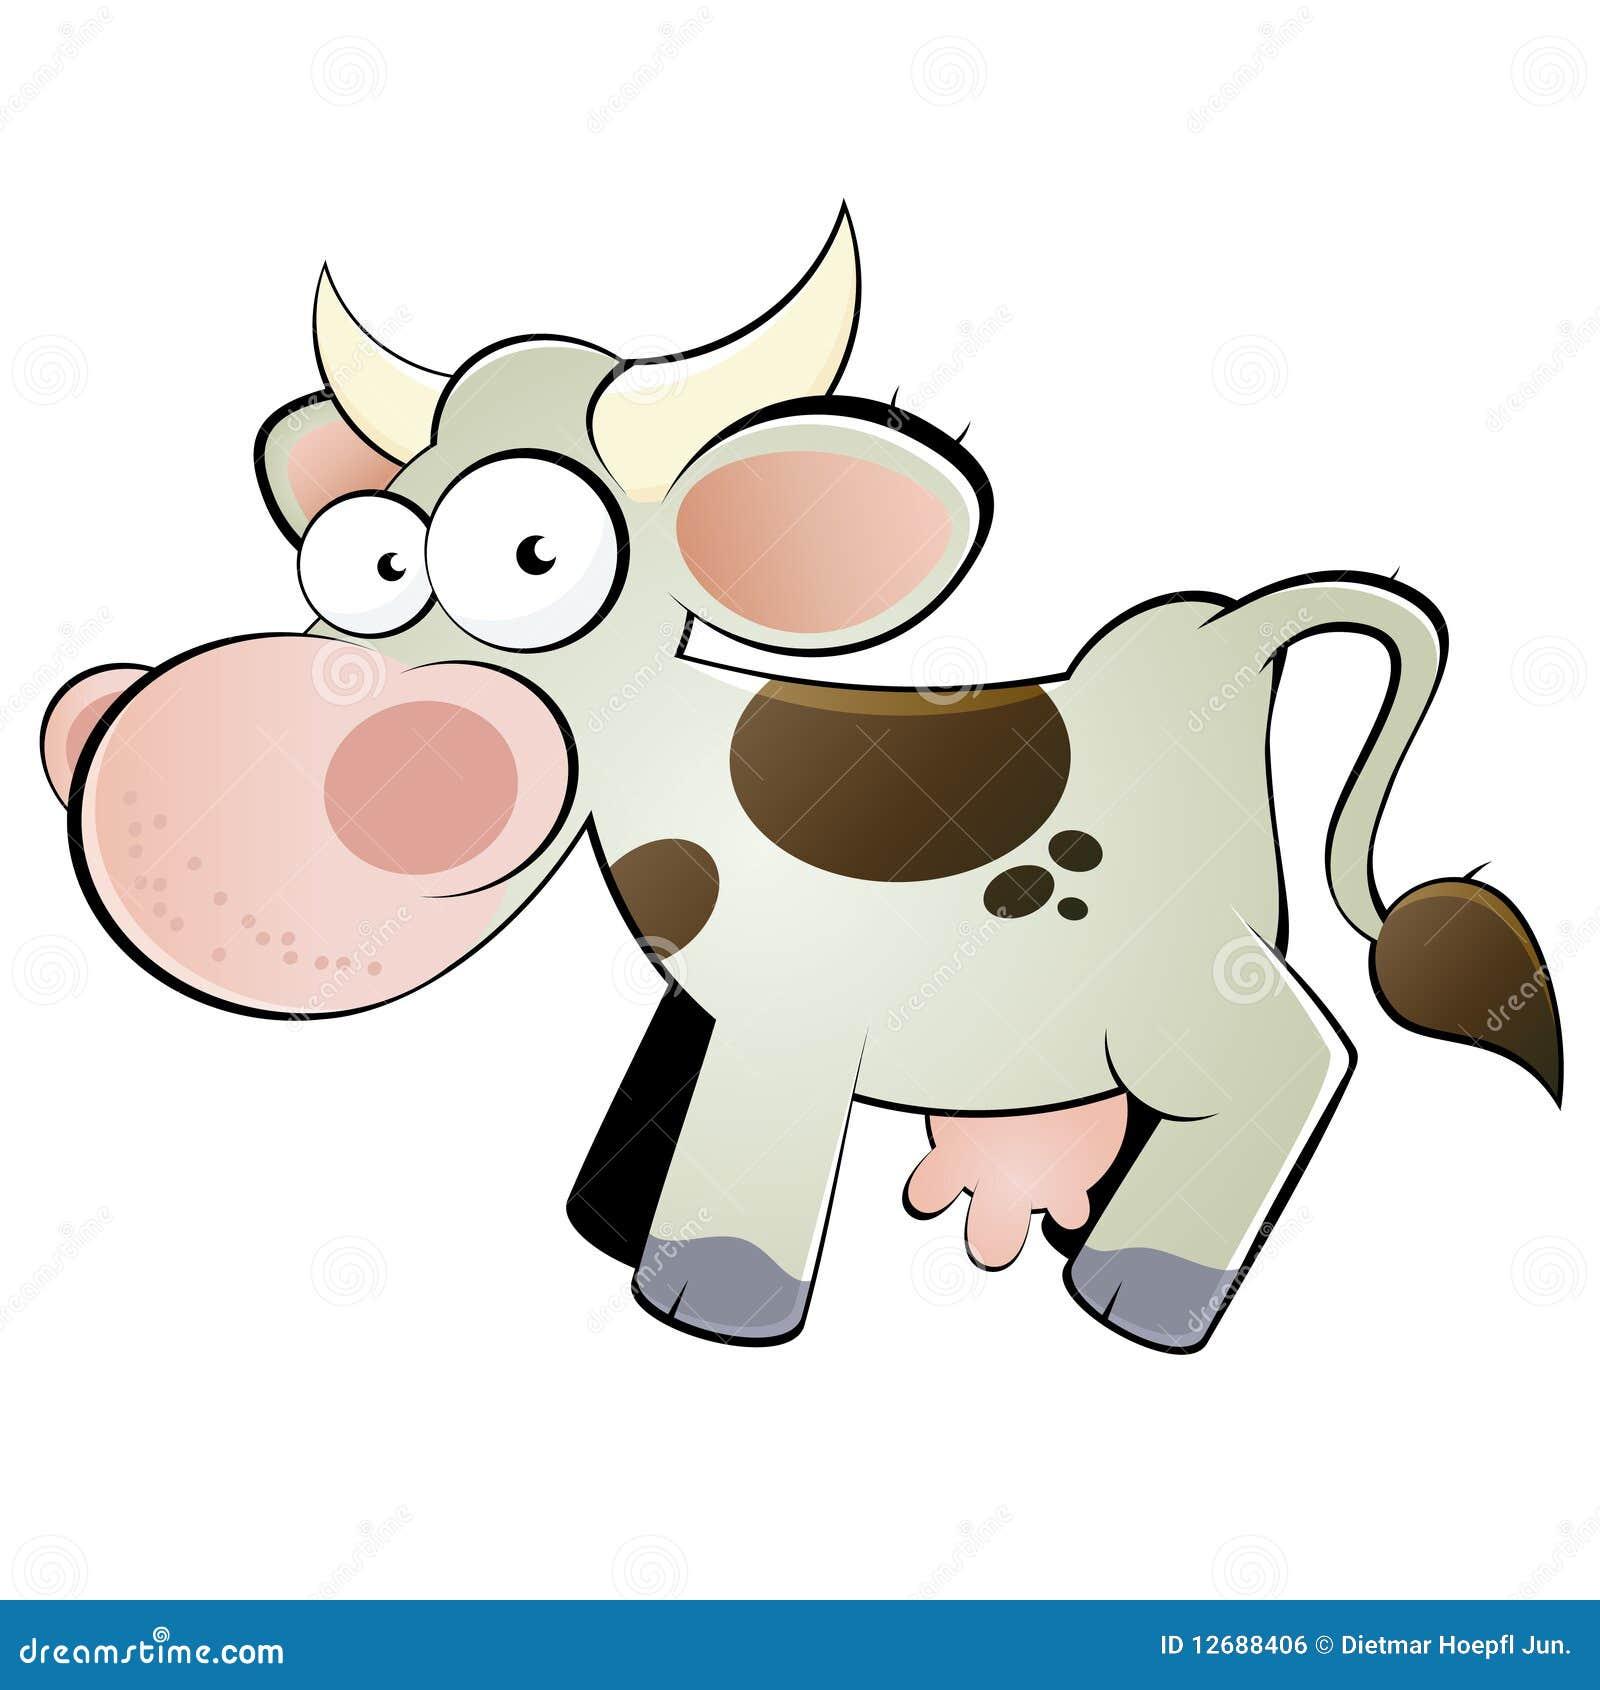 Dessin anim heureux de vache image libre de droits - Dessin vache humour ...